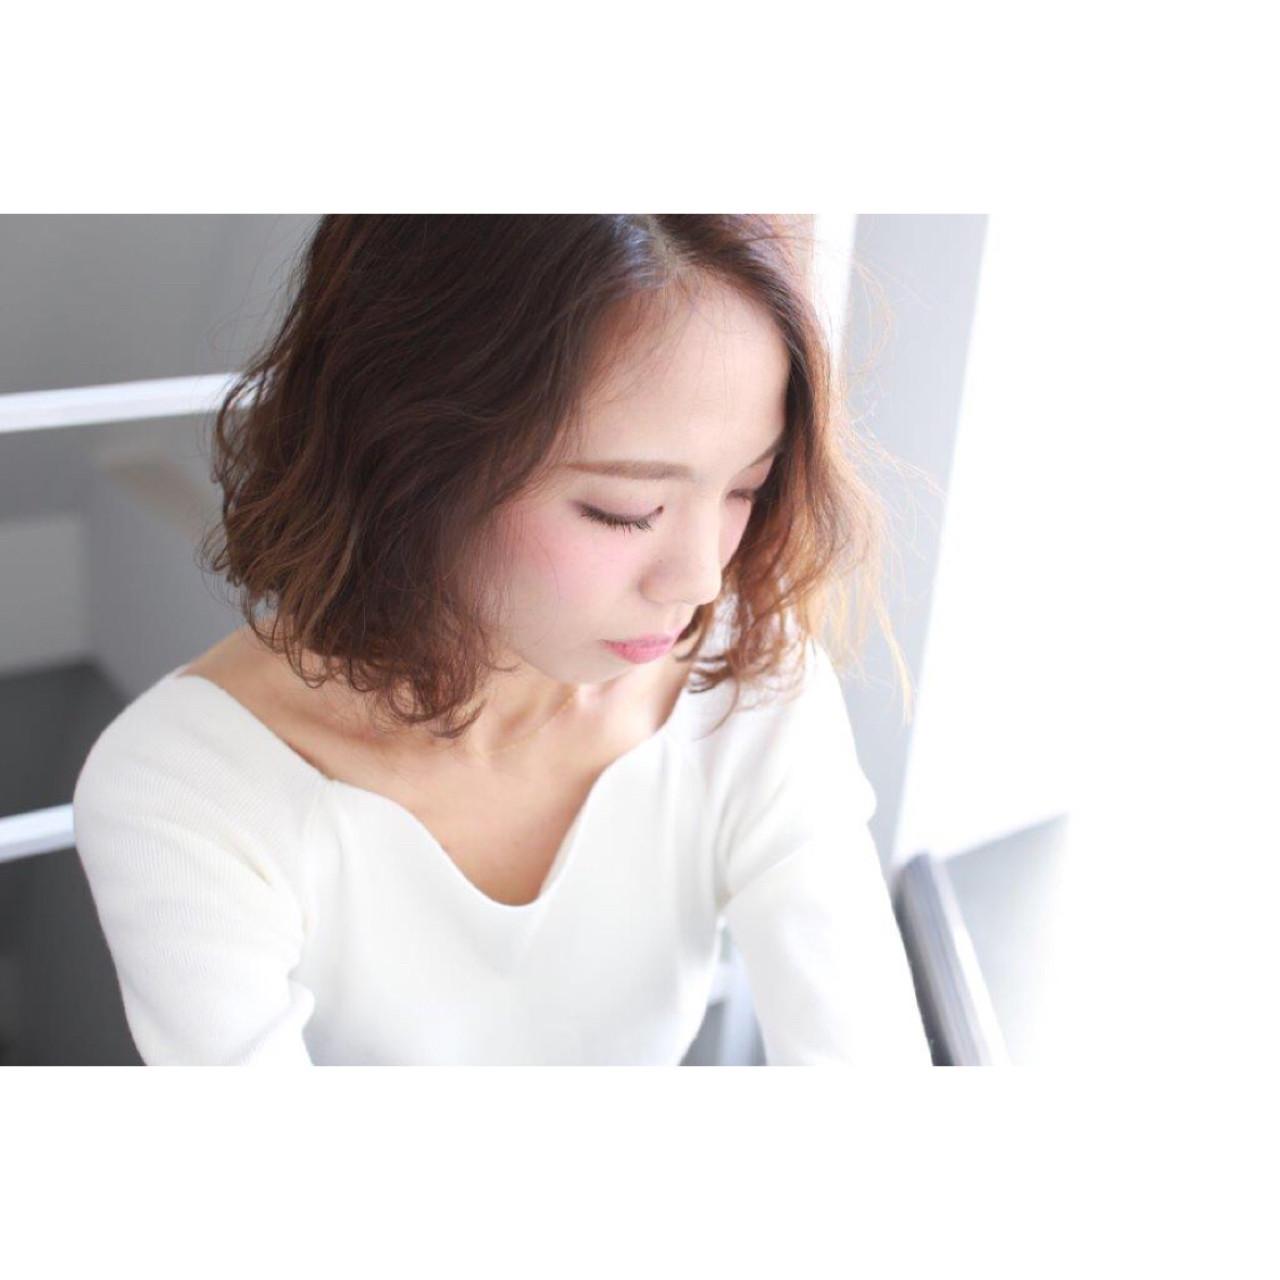 ナチュラル 大人かわいい グラデーションカラー ボブ ヘアスタイルや髪型の写真・画像 | Yumi Hiramatsu / Sourire Imaizumi【スーリール イマイズミ】